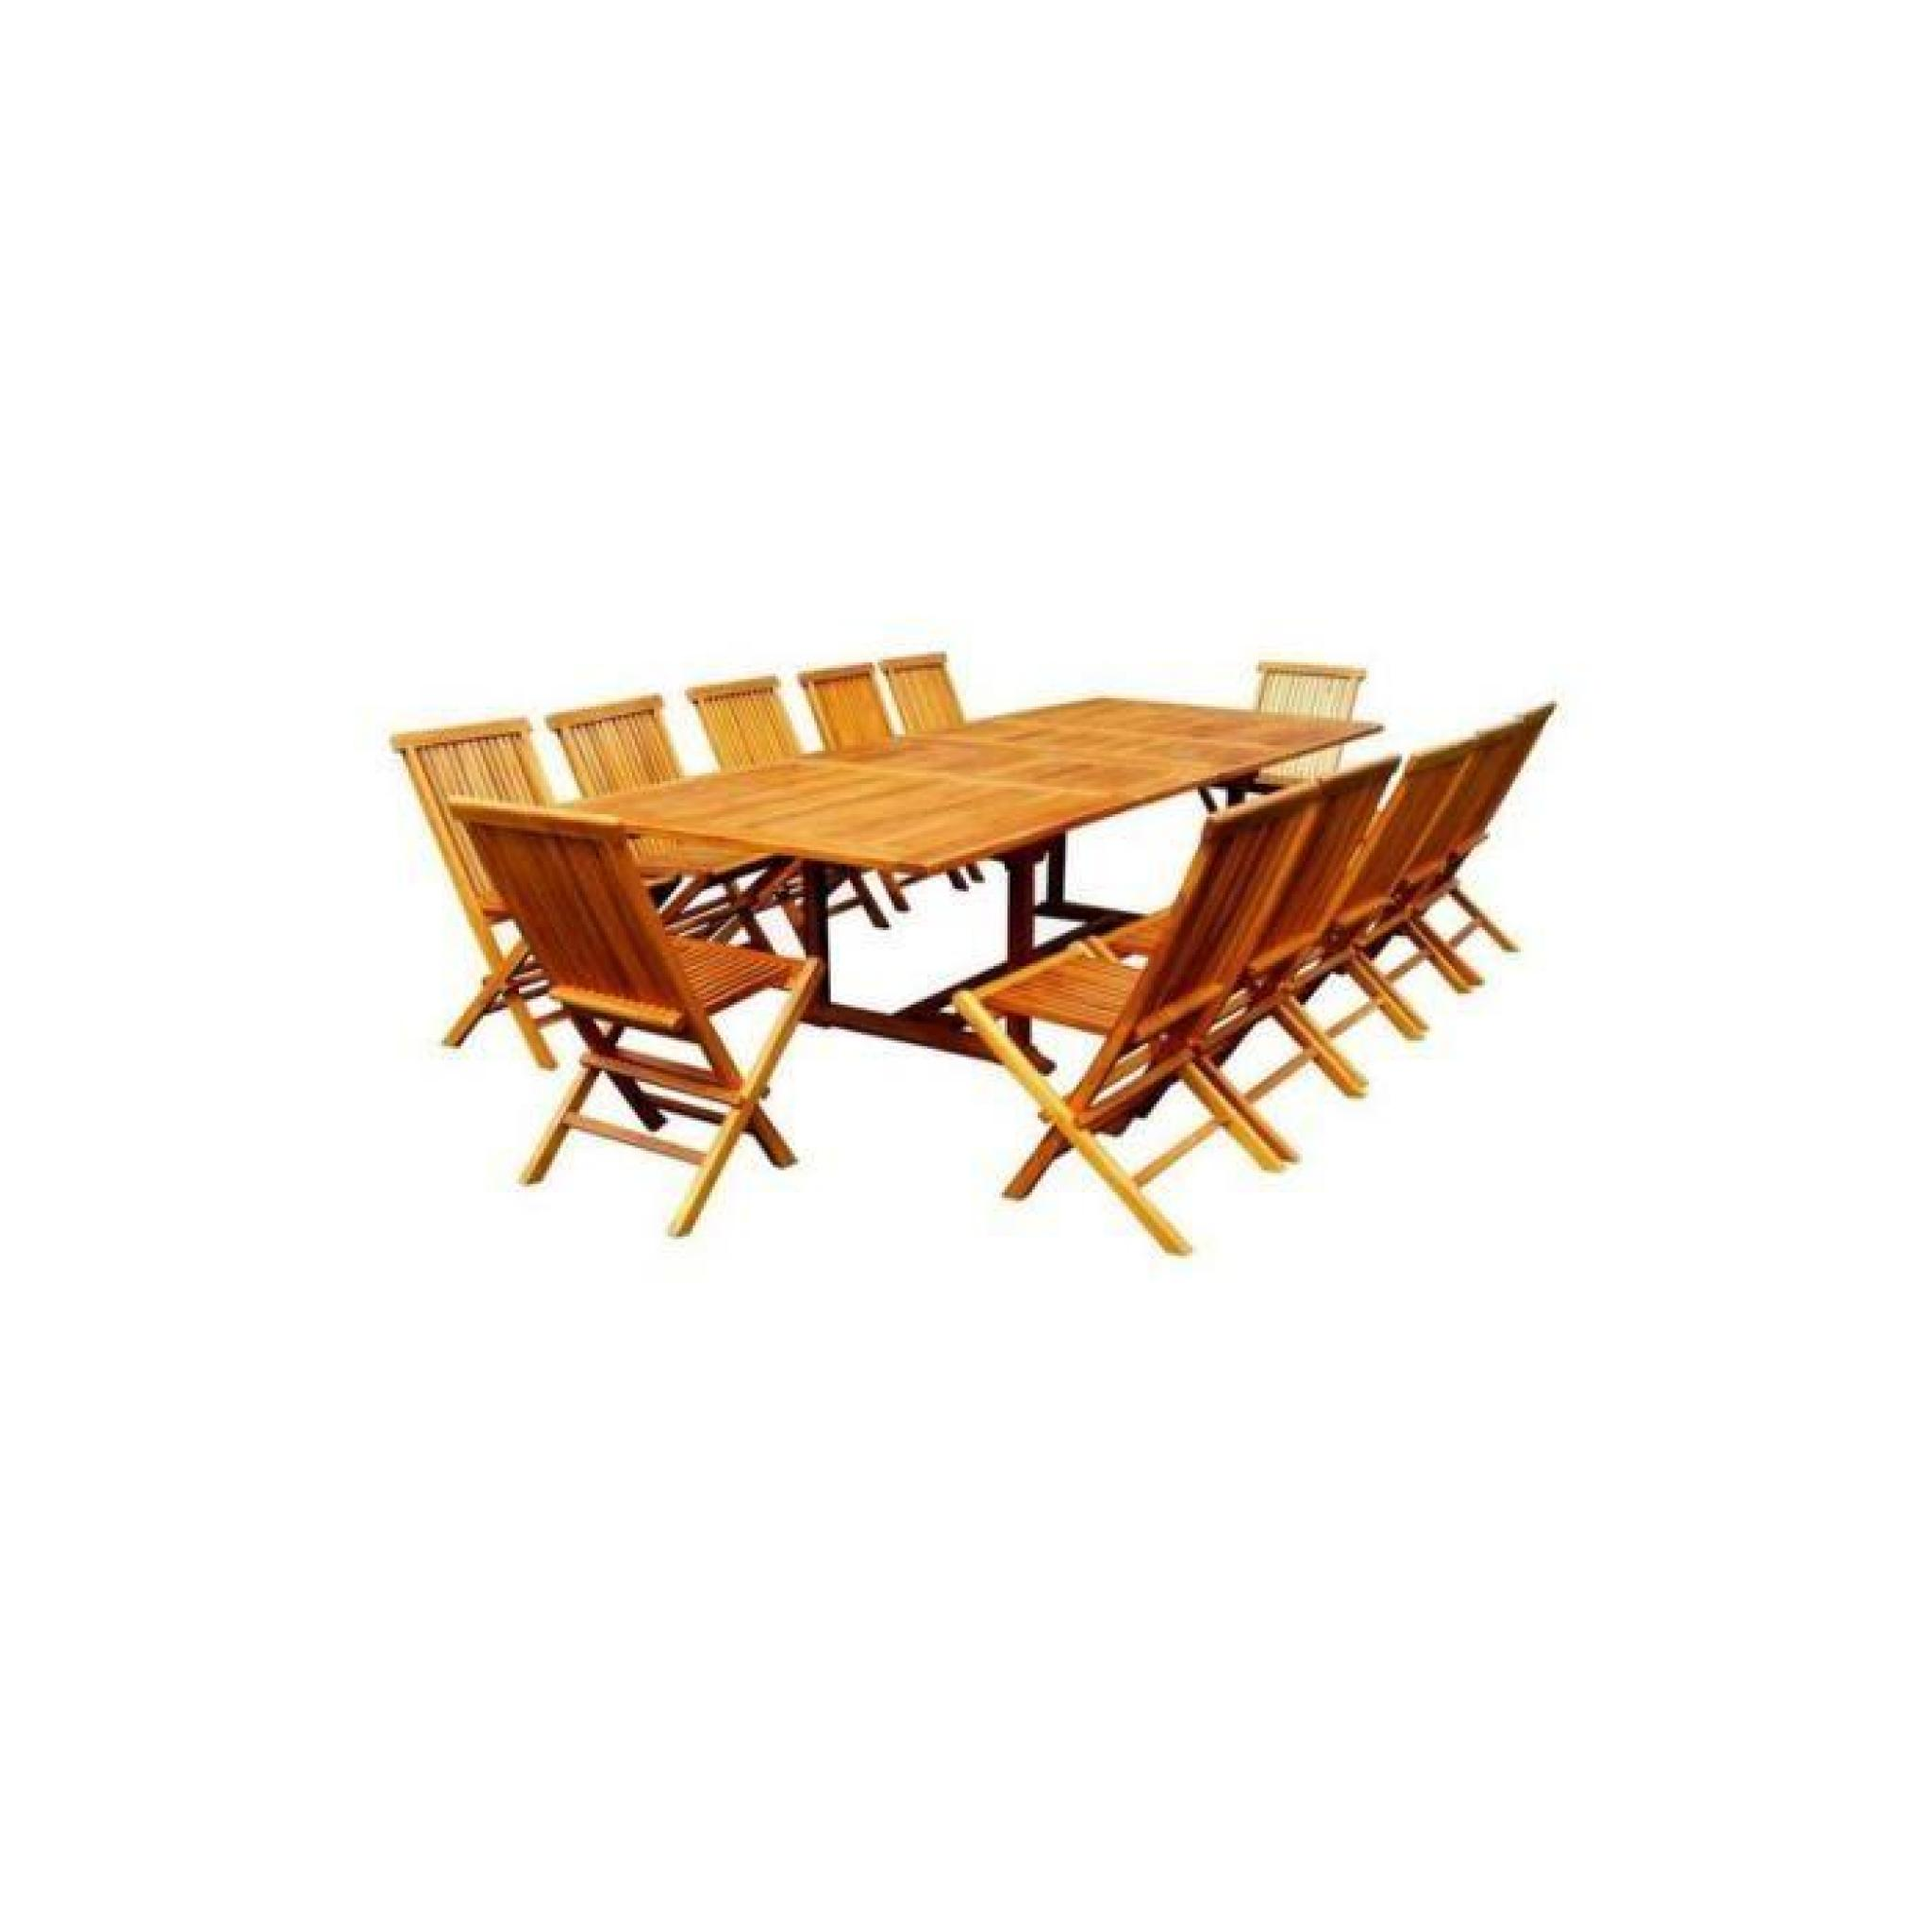 INAISLAND : salon de jardin en teck huilé 12 chaises + table 12-14 p